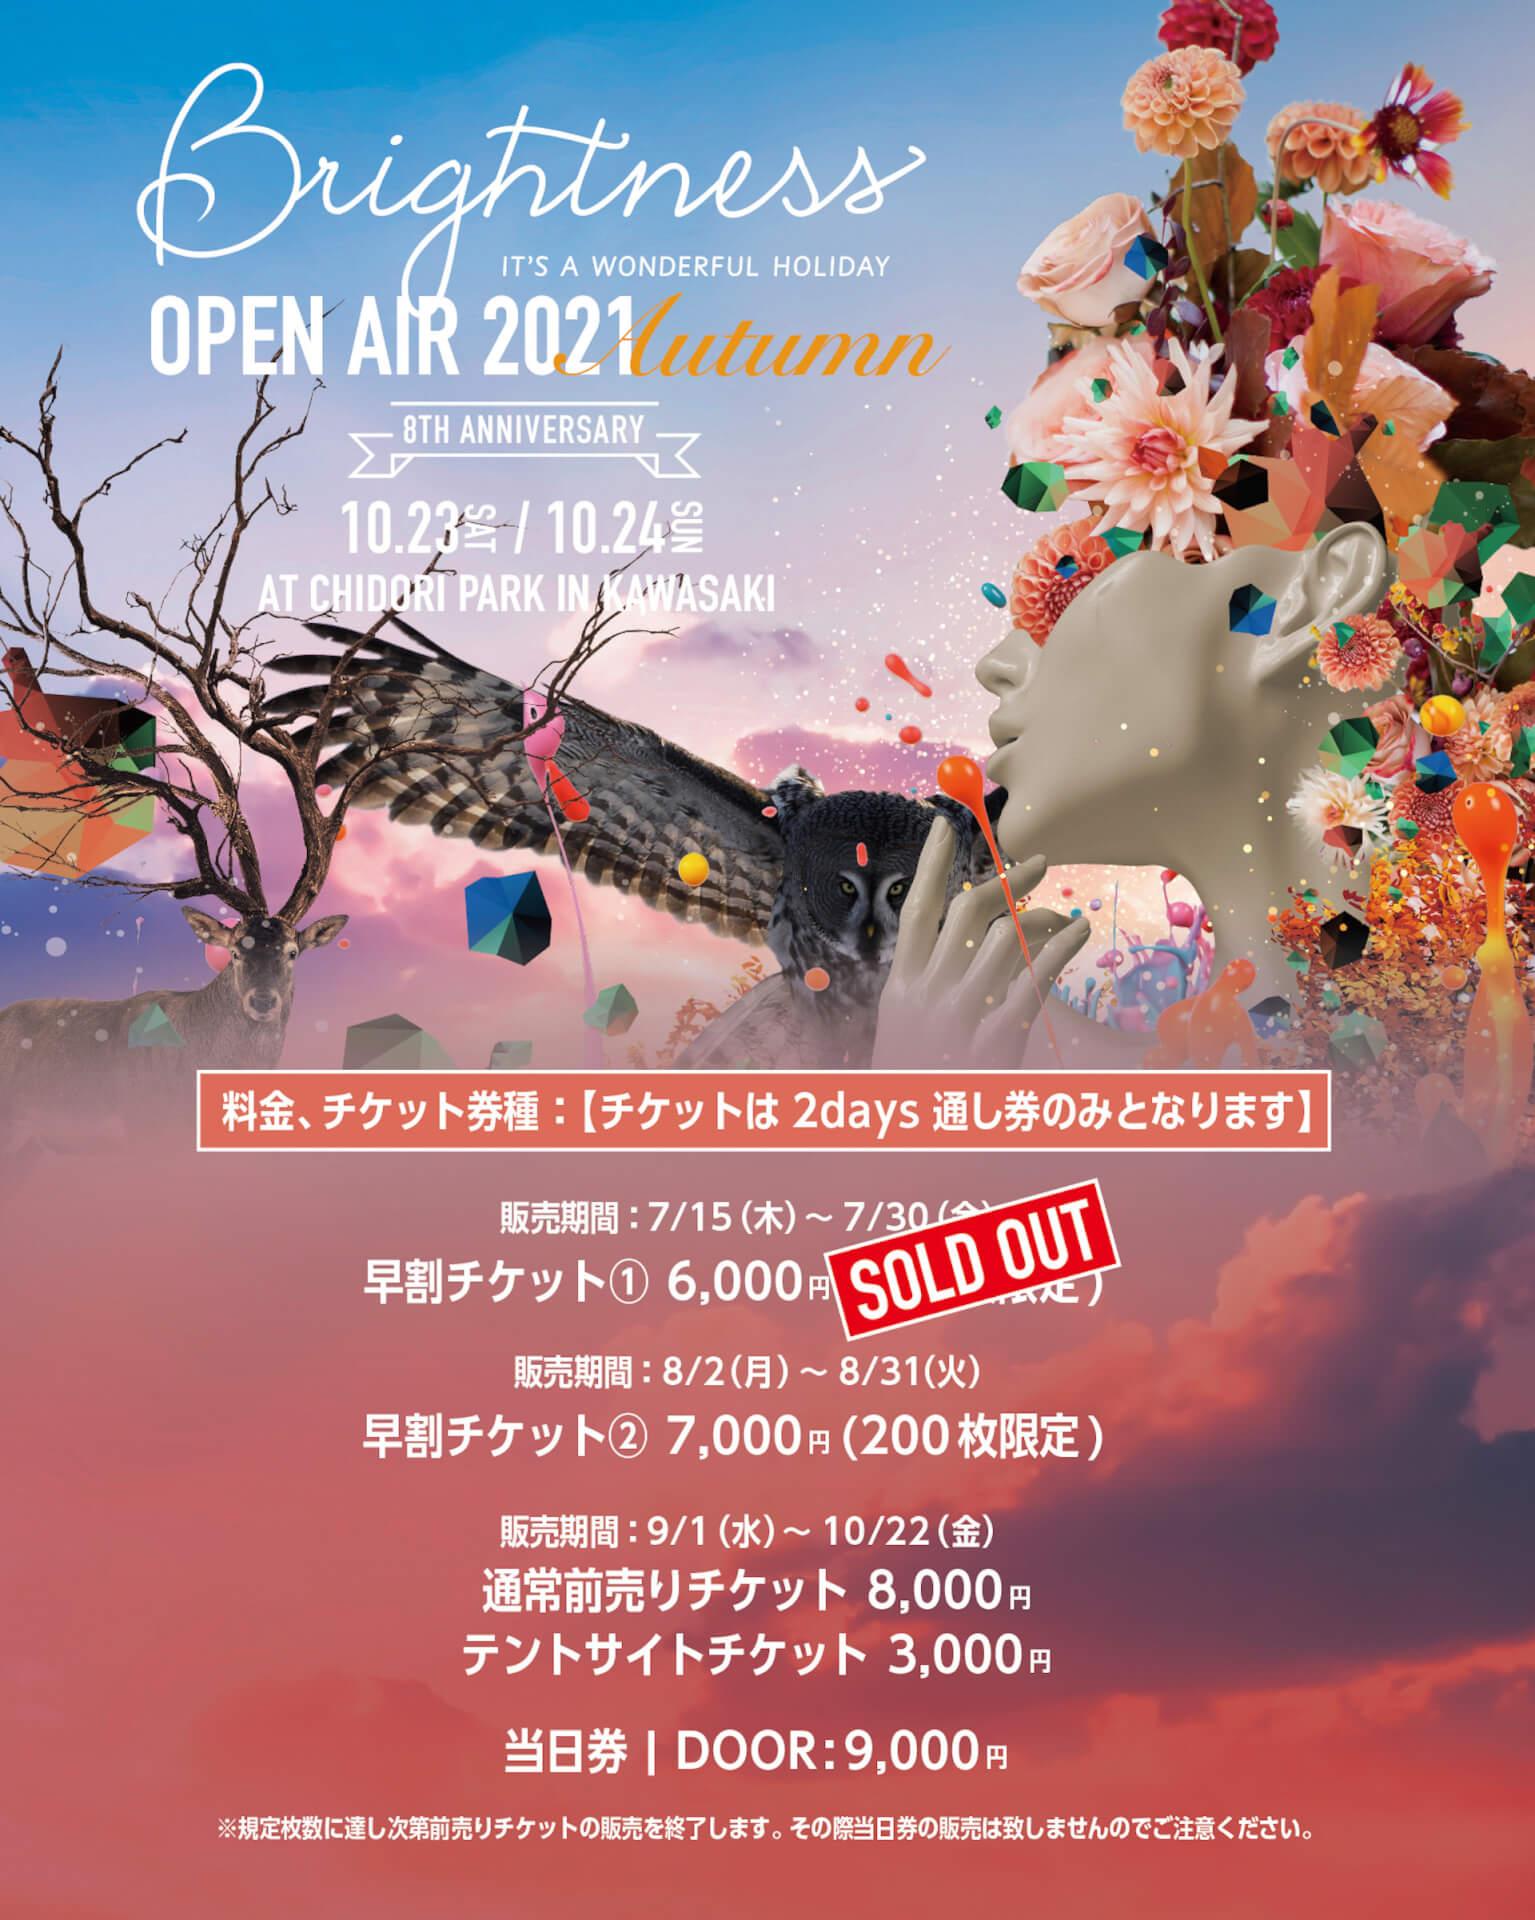 10月開催の<Brightness Open Air 2021 Autumn>第1弾ラインナップが発表!KEN ISHII、REE.K、HIROSHI WATANABE a.k.a KAITOら20組超え music210805_brightness-open-air_11